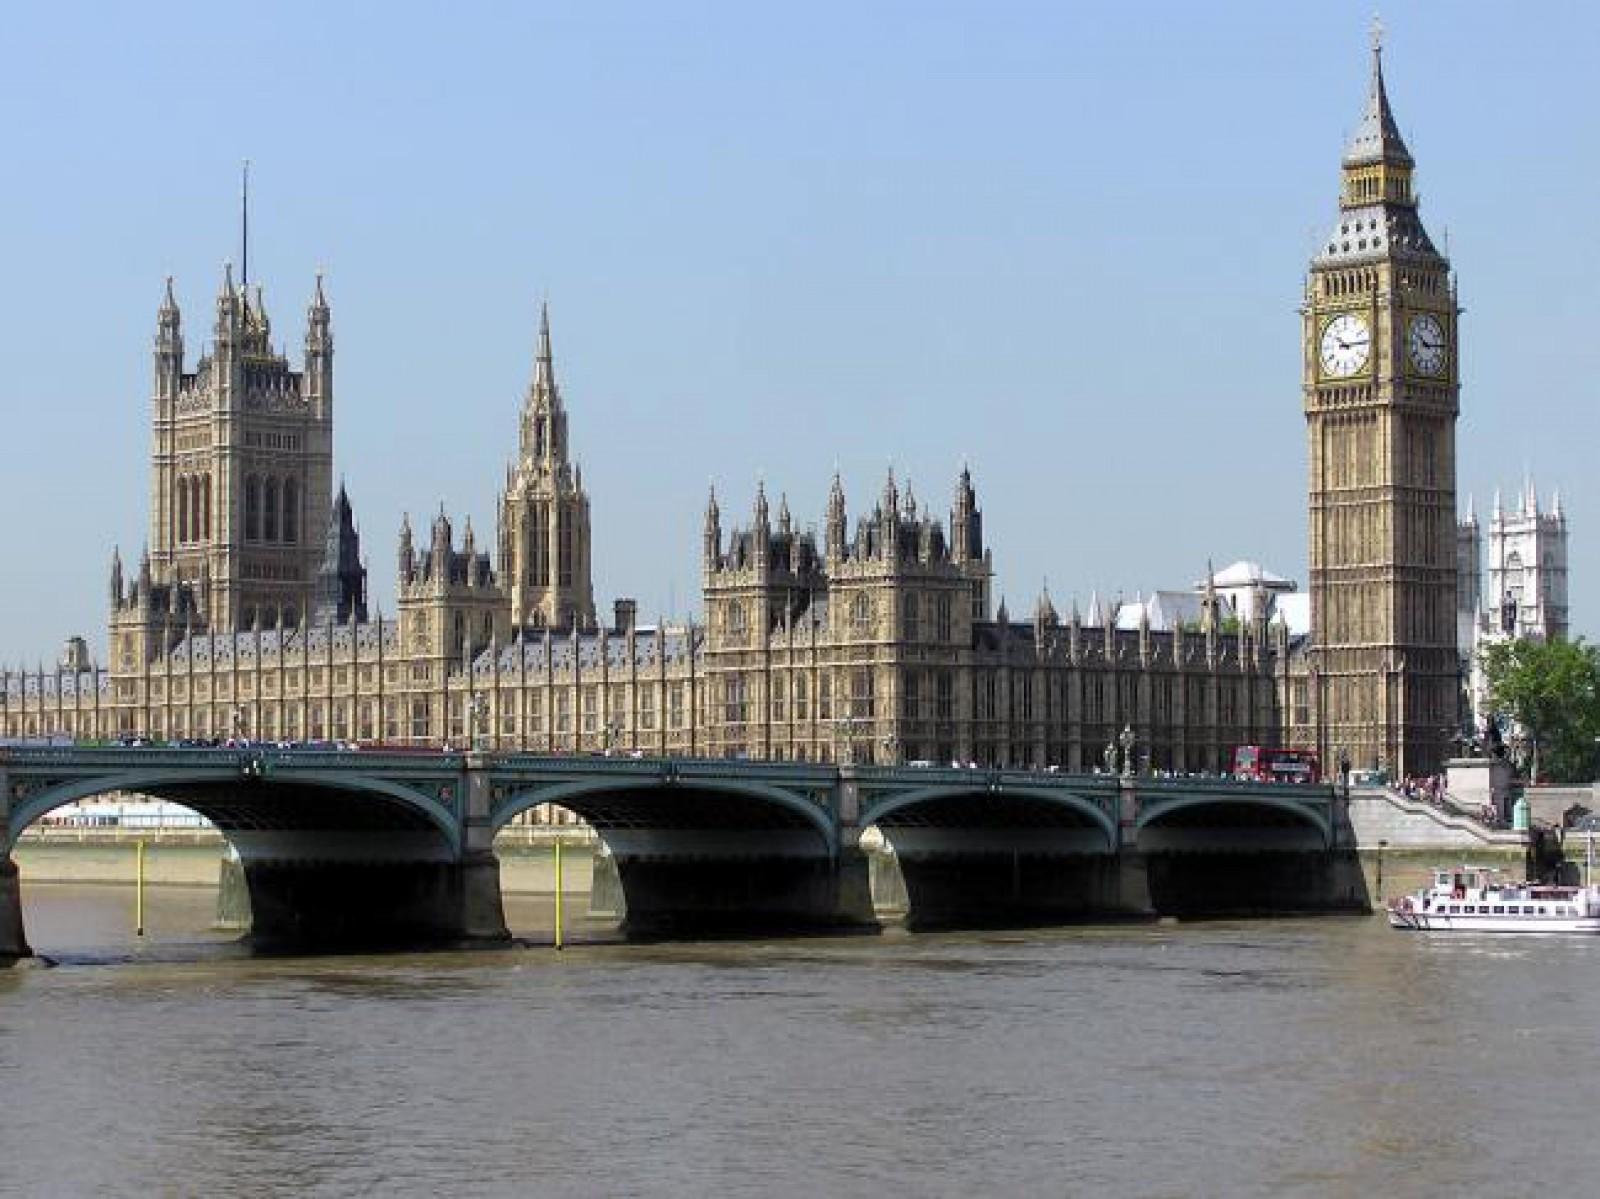 Peste 24.000 de încercări de accesare a site-urilor porno în Parlamentul Marii Britanii